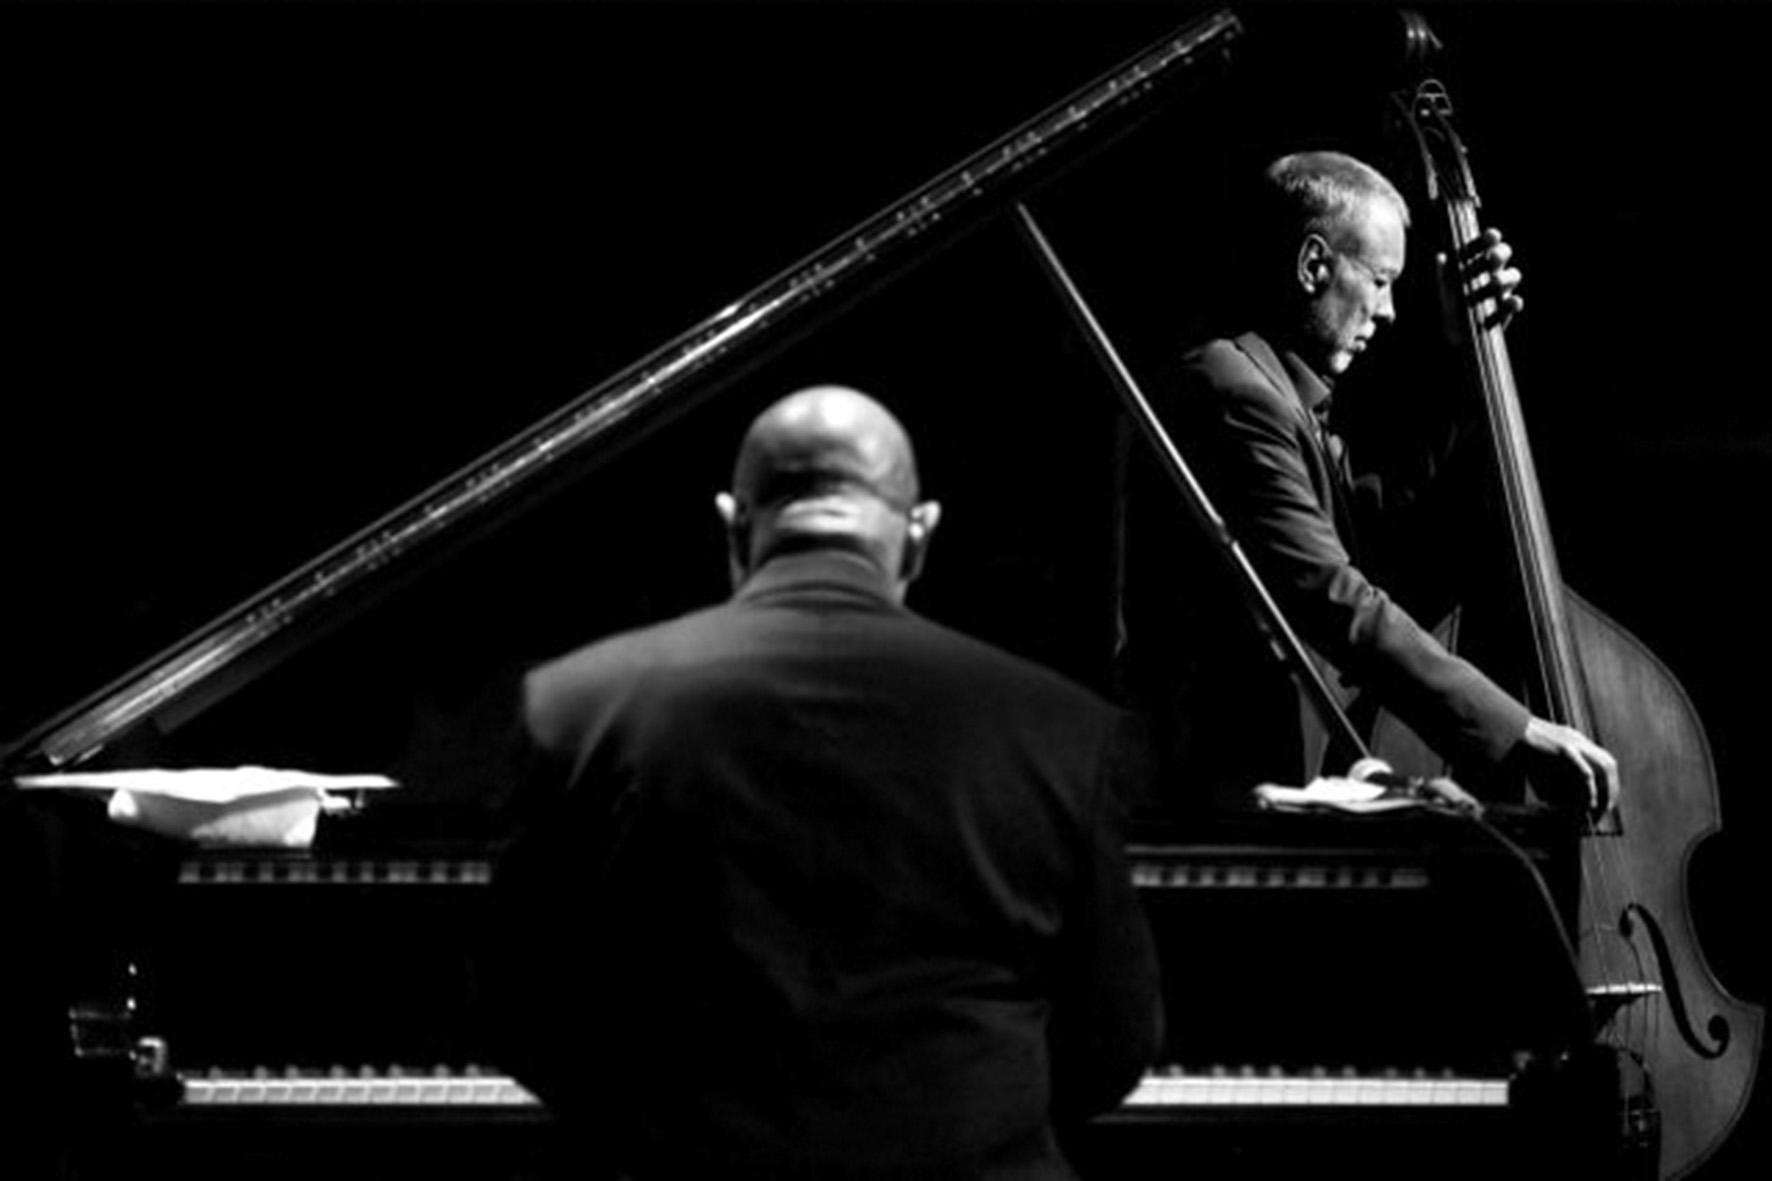 A. Palmucci, 'Black White', scatto vincitore del premio Jazz World Photo 2015 a New York, foto b/n © aut./JWP/PHOS